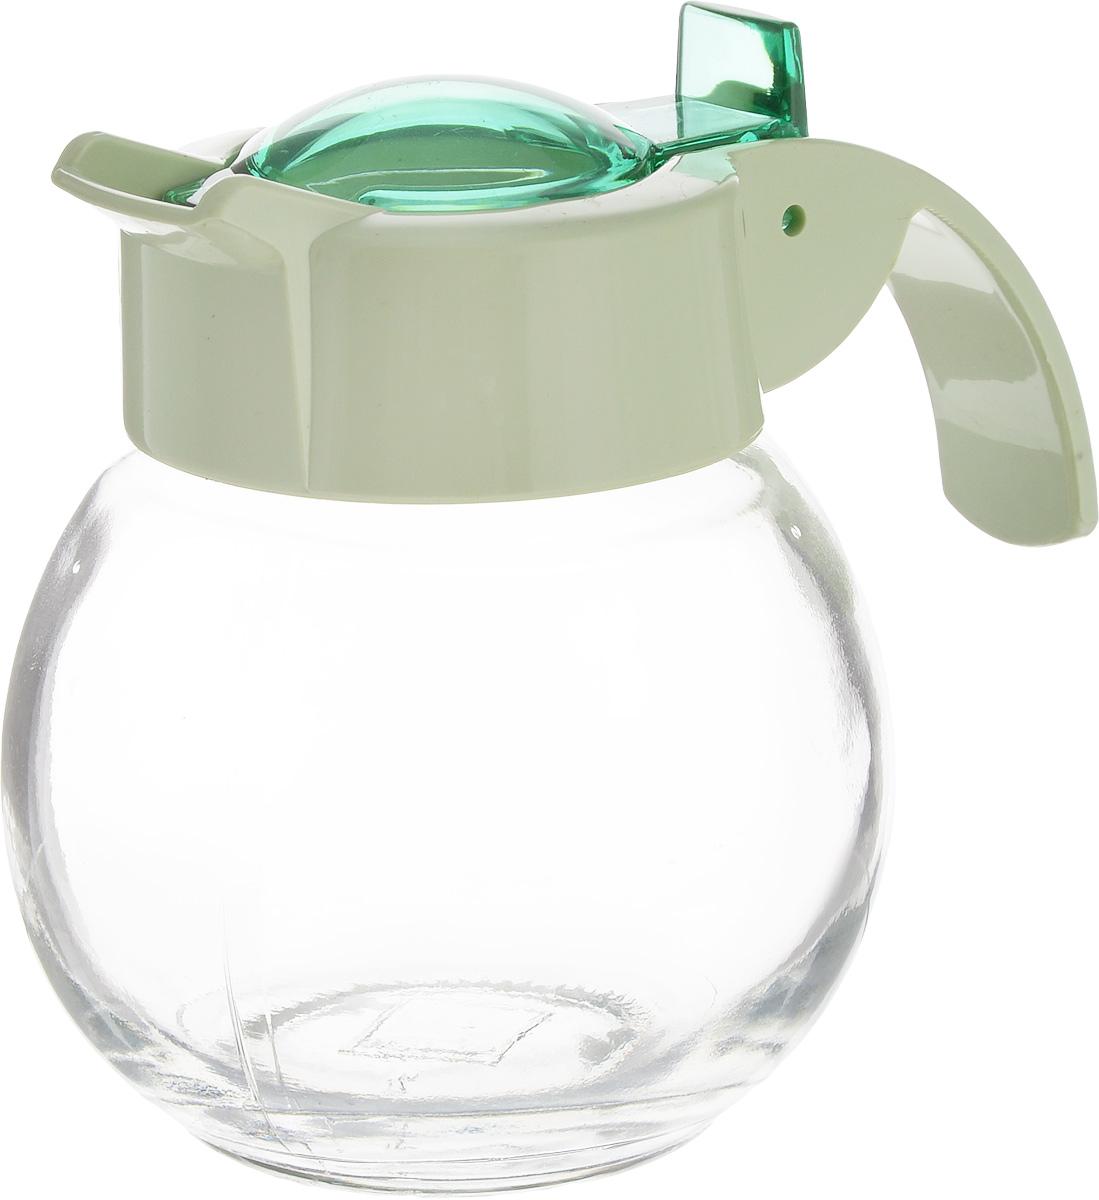 Емкость для жидкости Herevin, цвет: зеленый, прозрачный, 180 млFA-5125 WhiteЕмкость для жидкости Herevin выполнена из качественного прочного стекла, снабжена пластиковой ручкой и откидной крышкой. Форма носика обеспечивает наливание жидкости без расплескивания. Емкость легка в использовании, стоит только перевернуть ее, и вы с легкостью сможете добавить оливковое или подсолнечное масло, уксус или соус. Крышка легко откручивается, что позволяет без труда наполнить емкость. Диаметр (по верхнему краю): 5 см.Высота емкости: 9 см.